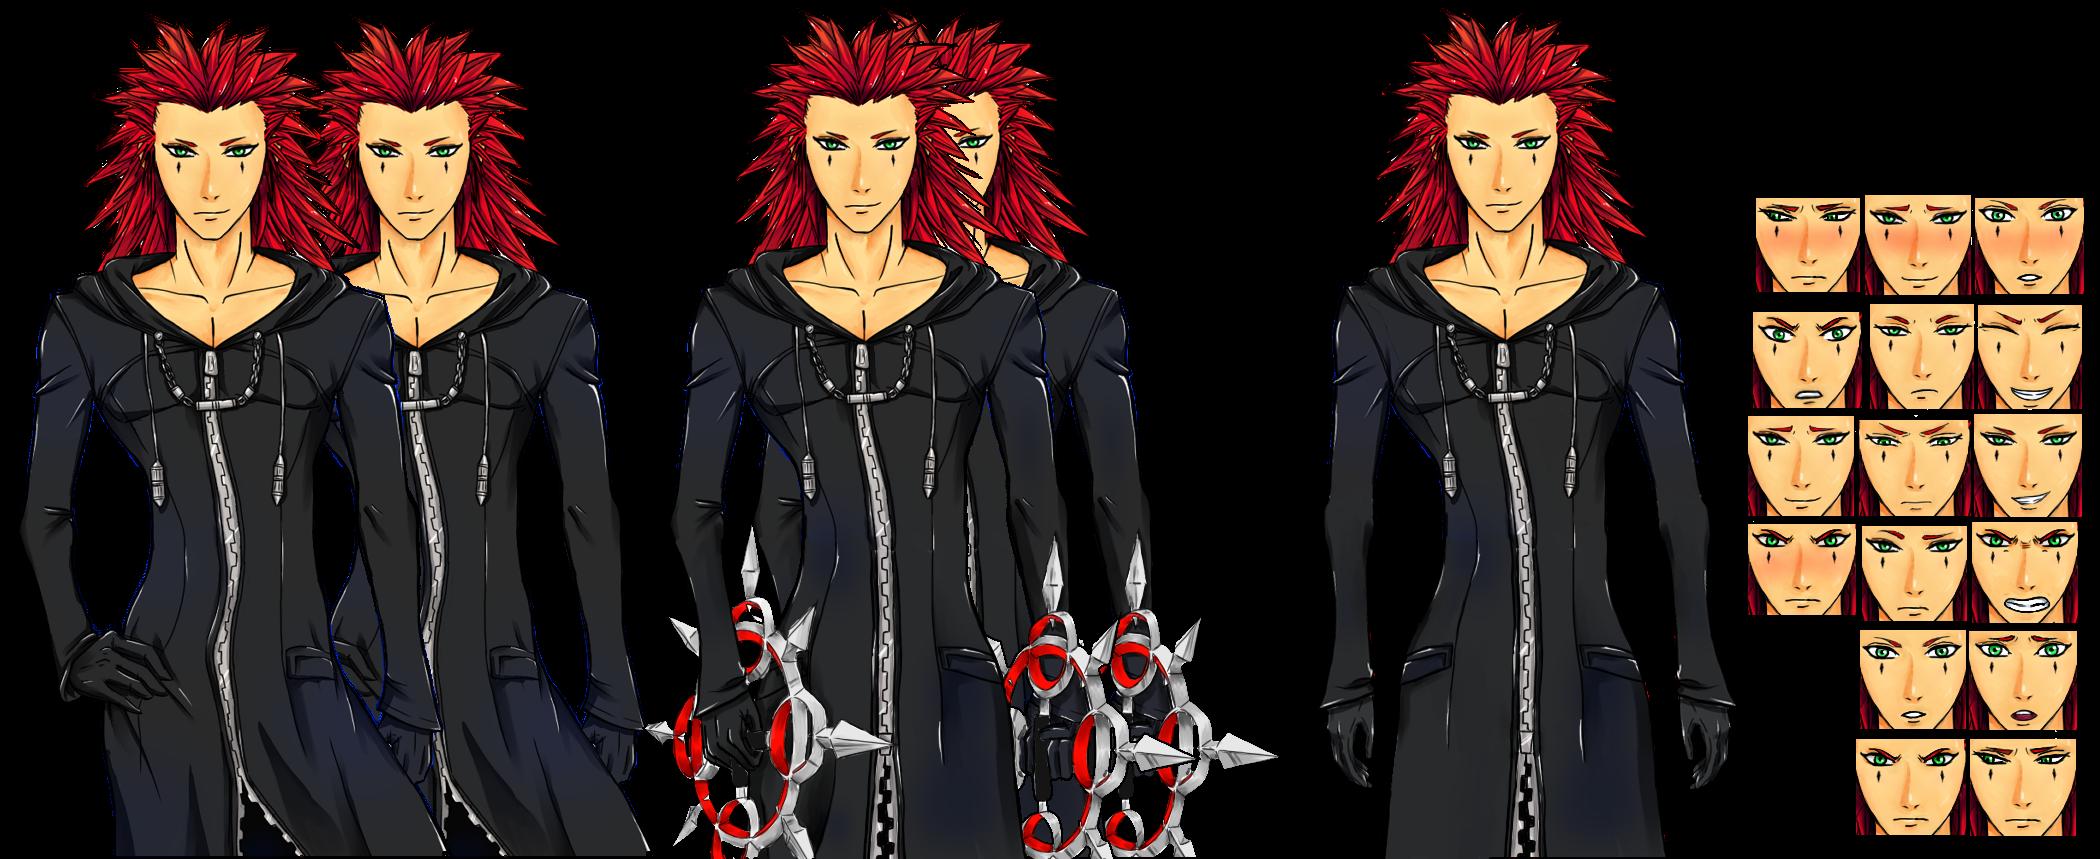 KH Sim Date: Axel by axelhotfire